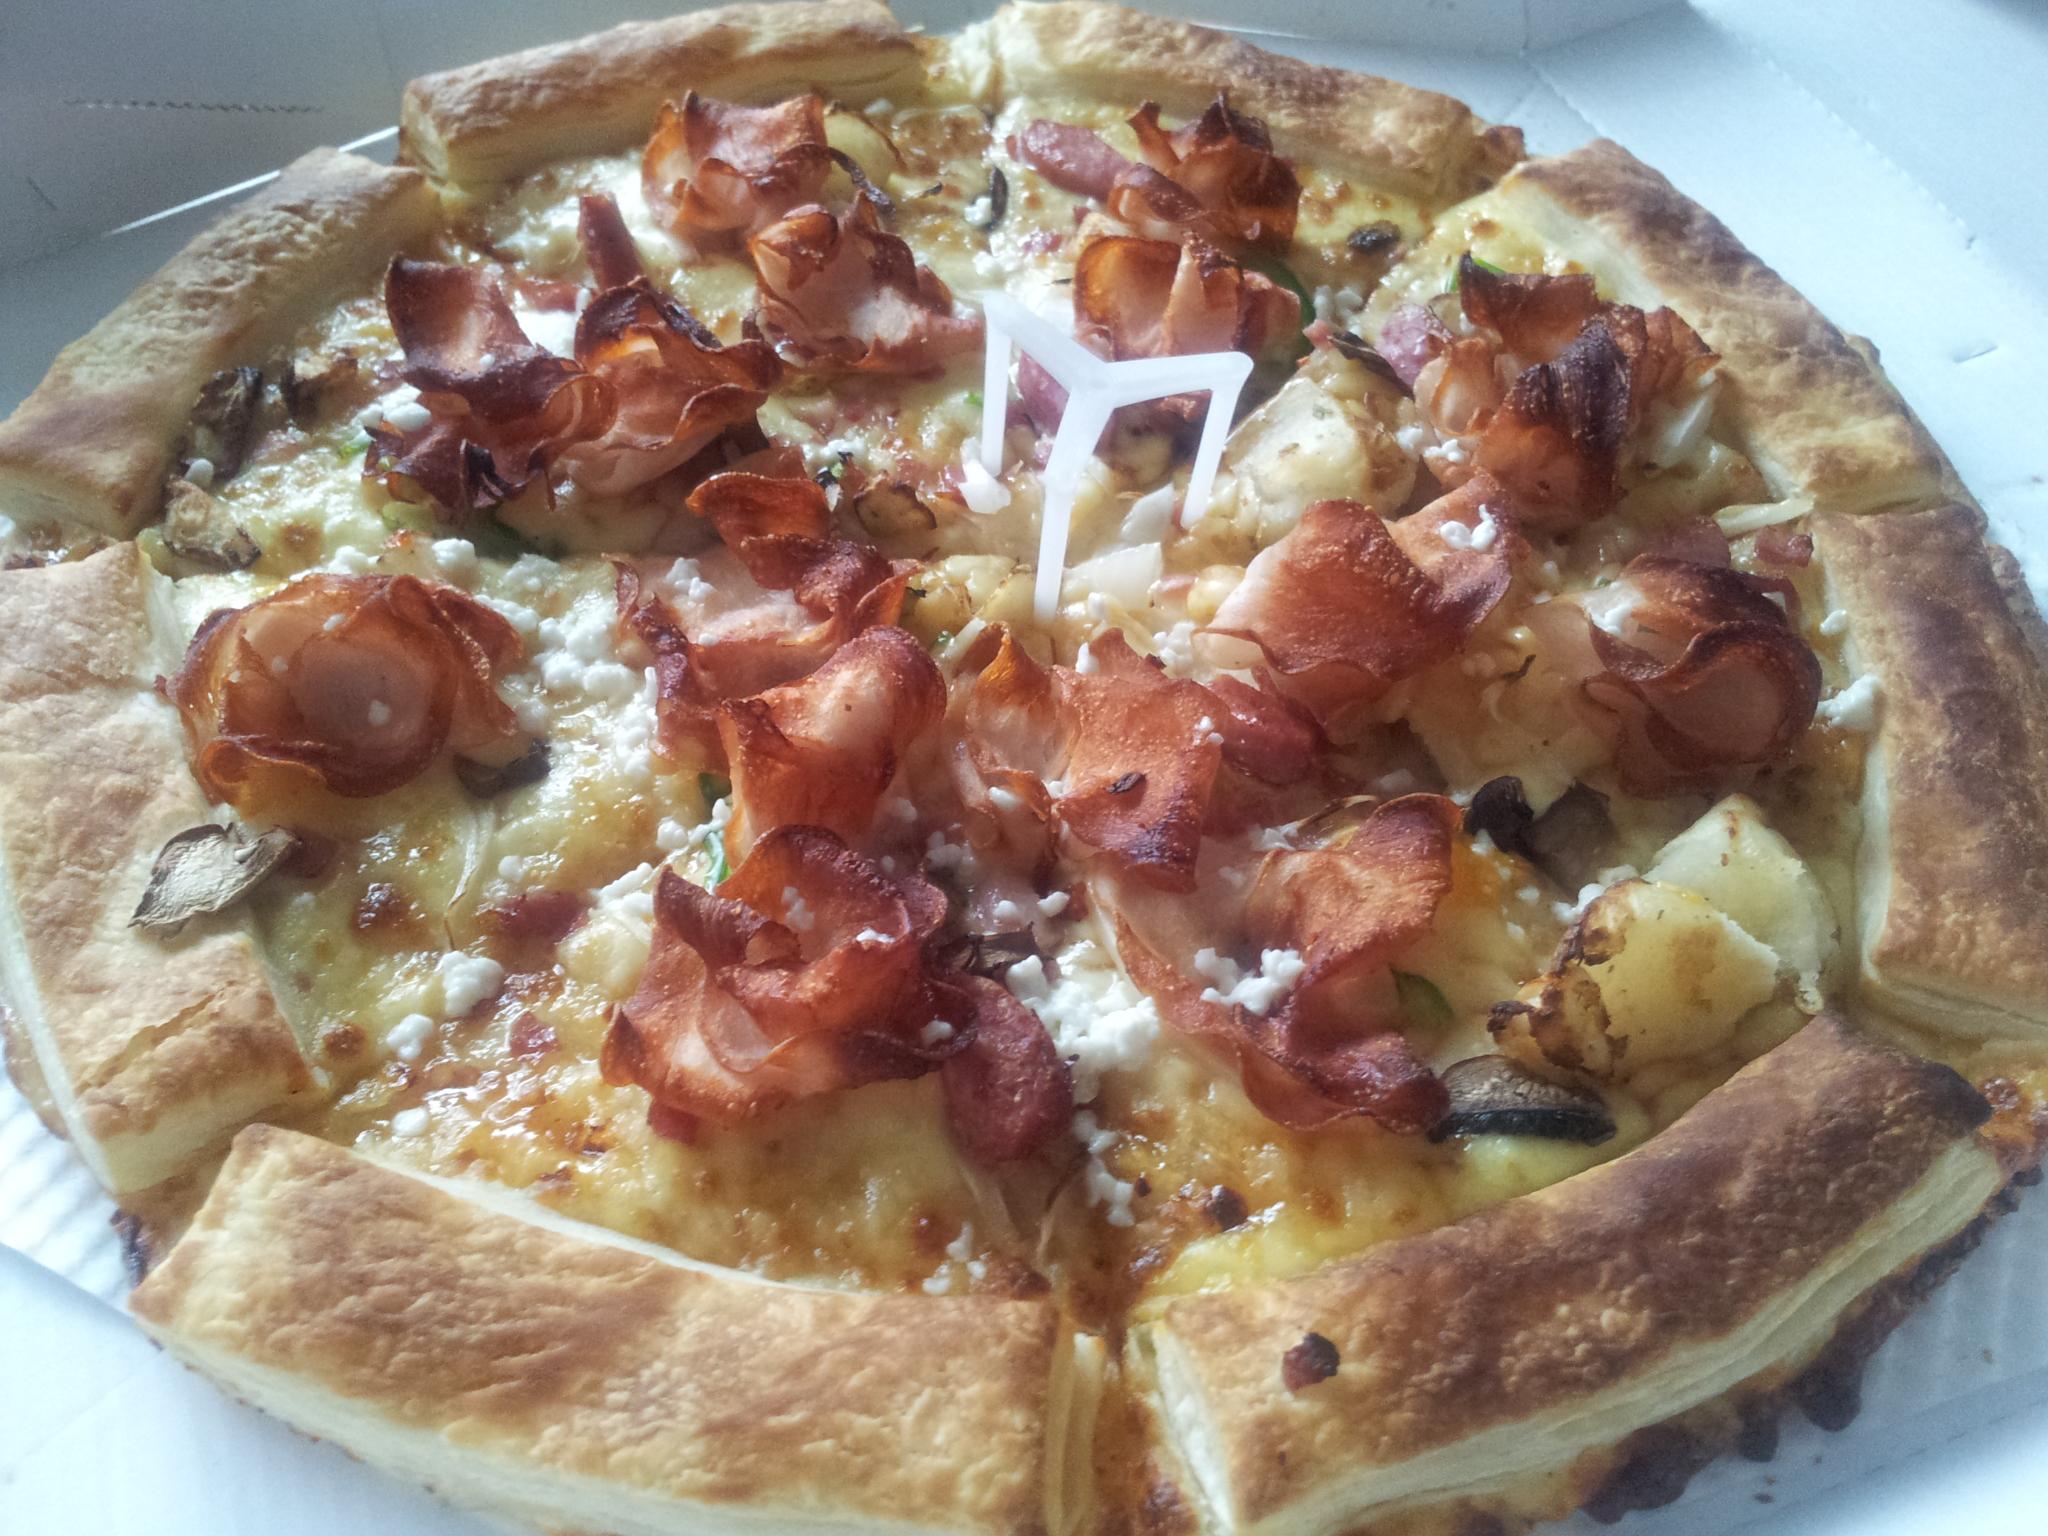 은호네먹방)도미노 더블크러스트 페스츄리 피자